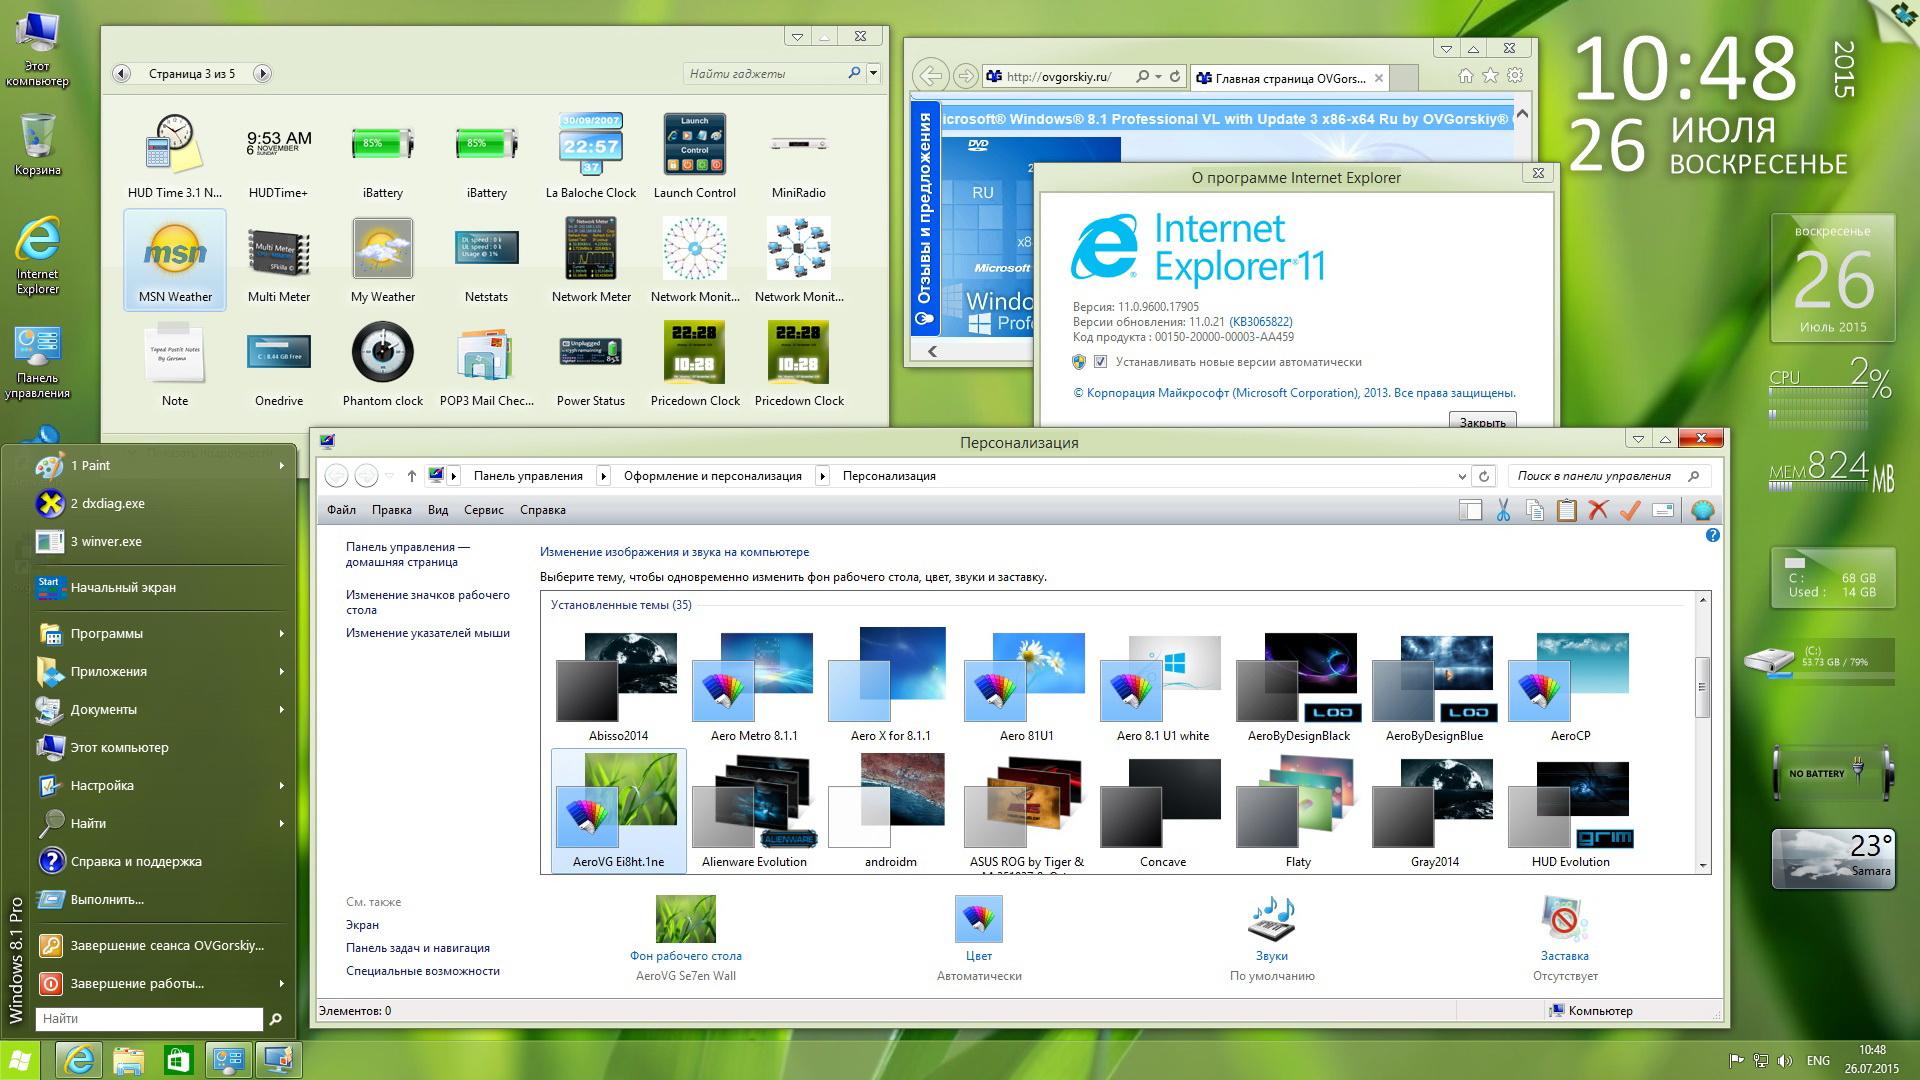 http://fs2.directupload.net/images/150726/trxpl8hj.jpg